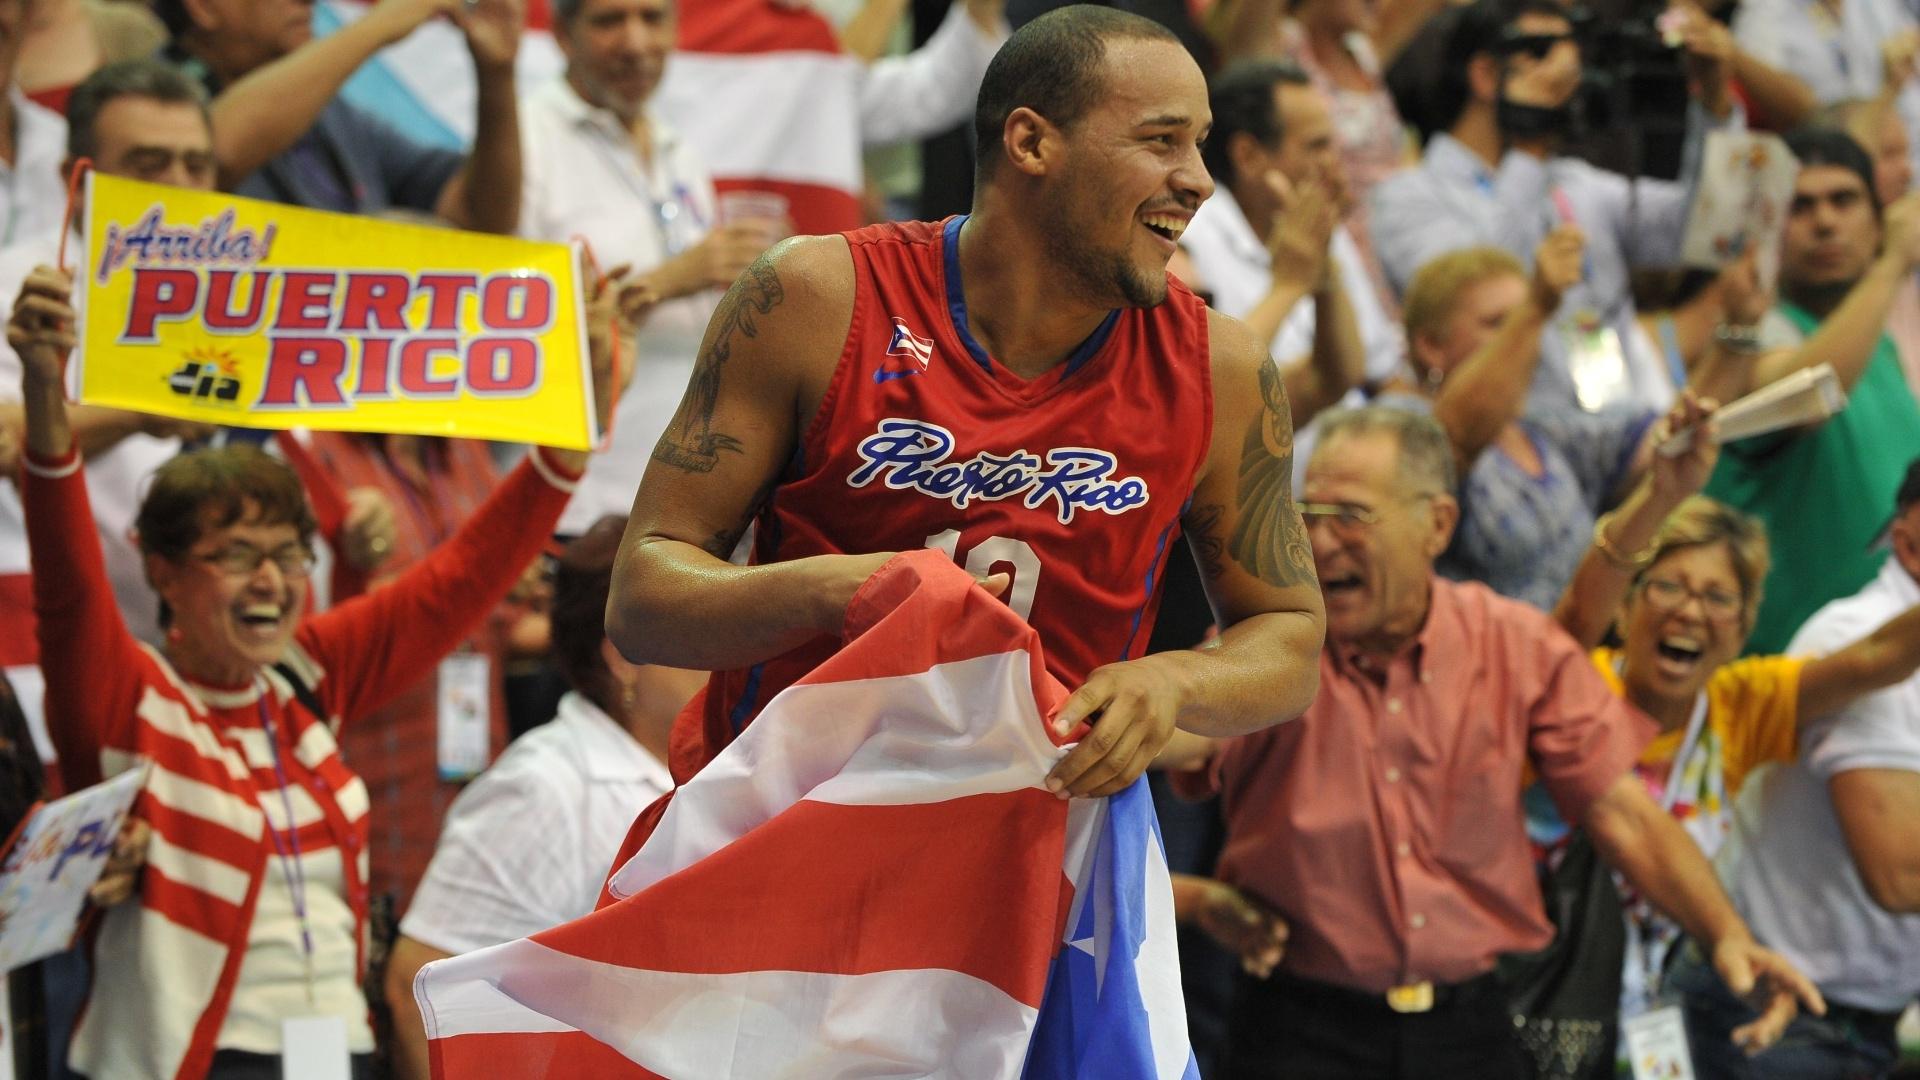 Gabriel Colon comemora com a bandeira de Porto Rico após a conquista do ouro no basquete masculino do Pan (30/10/2011)